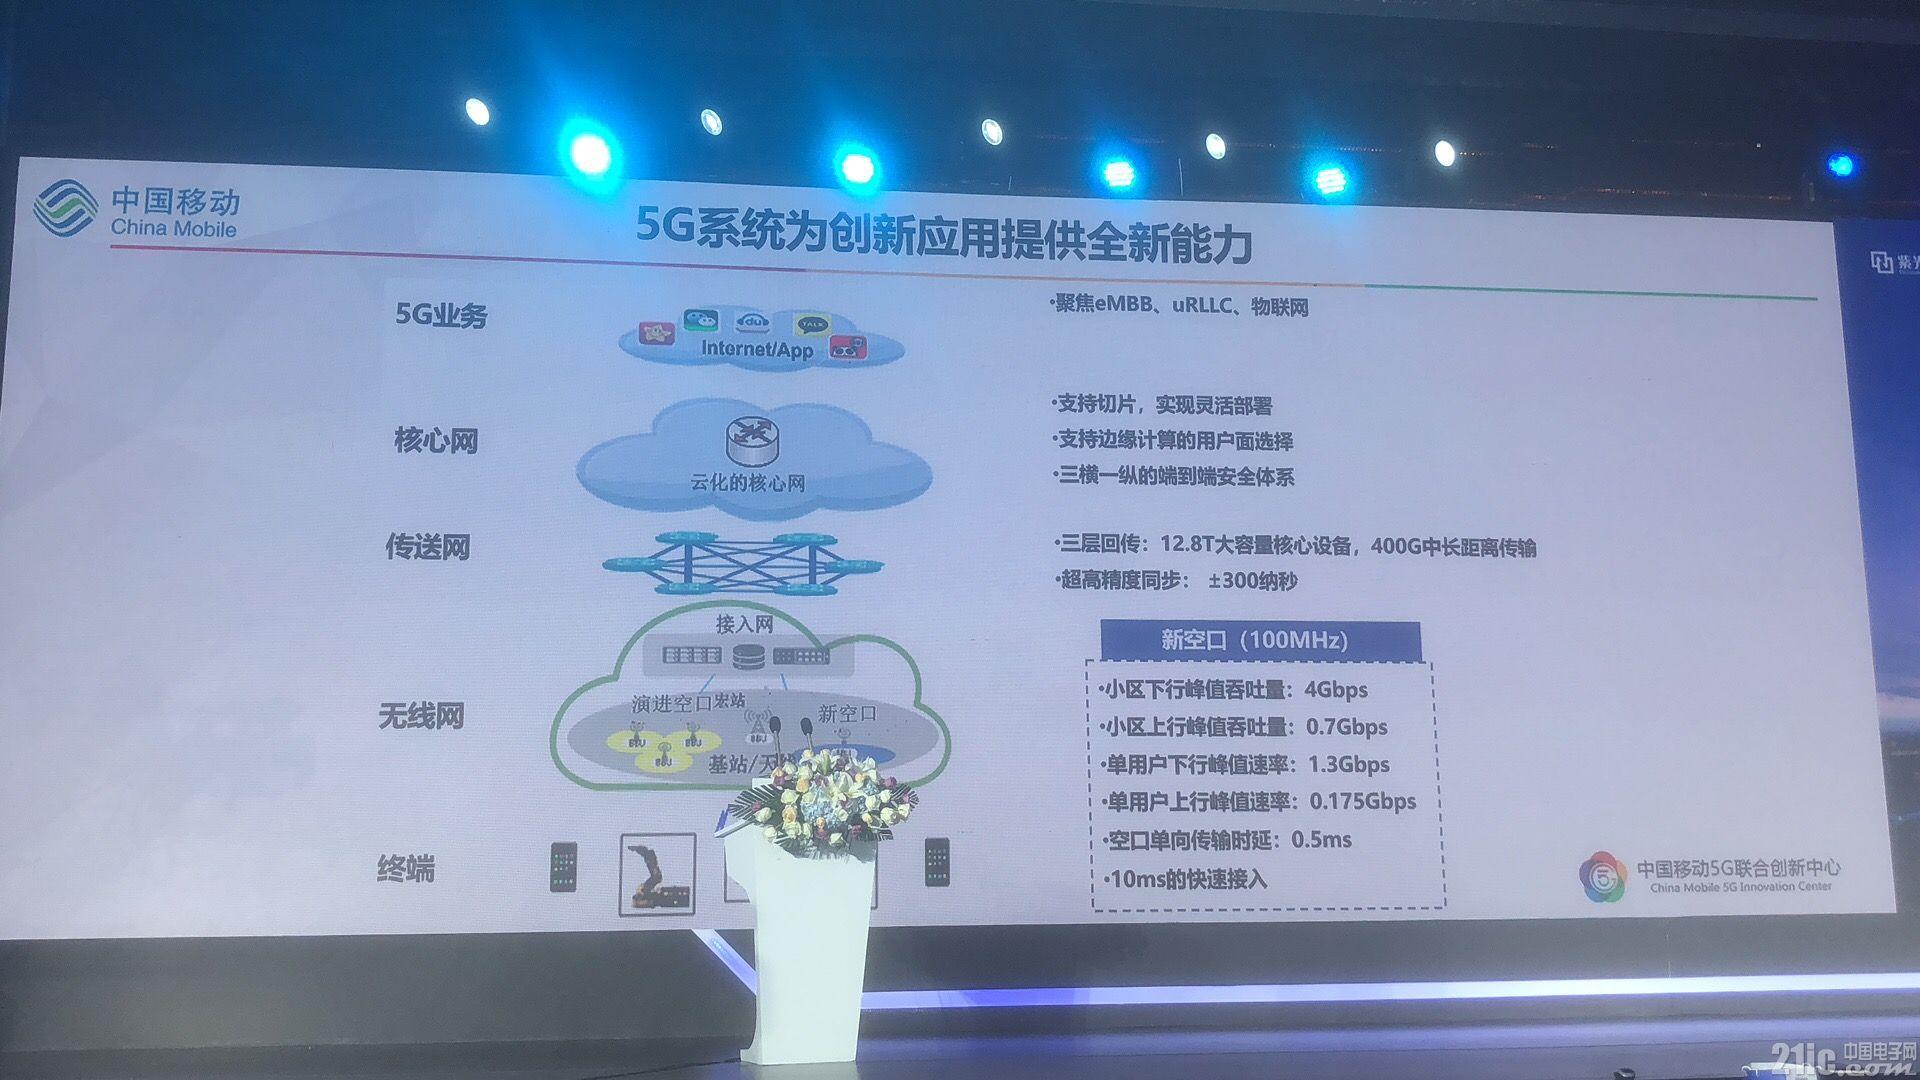 中国移动将在5G时代保持领先?明年5G预商用将超100站/城市